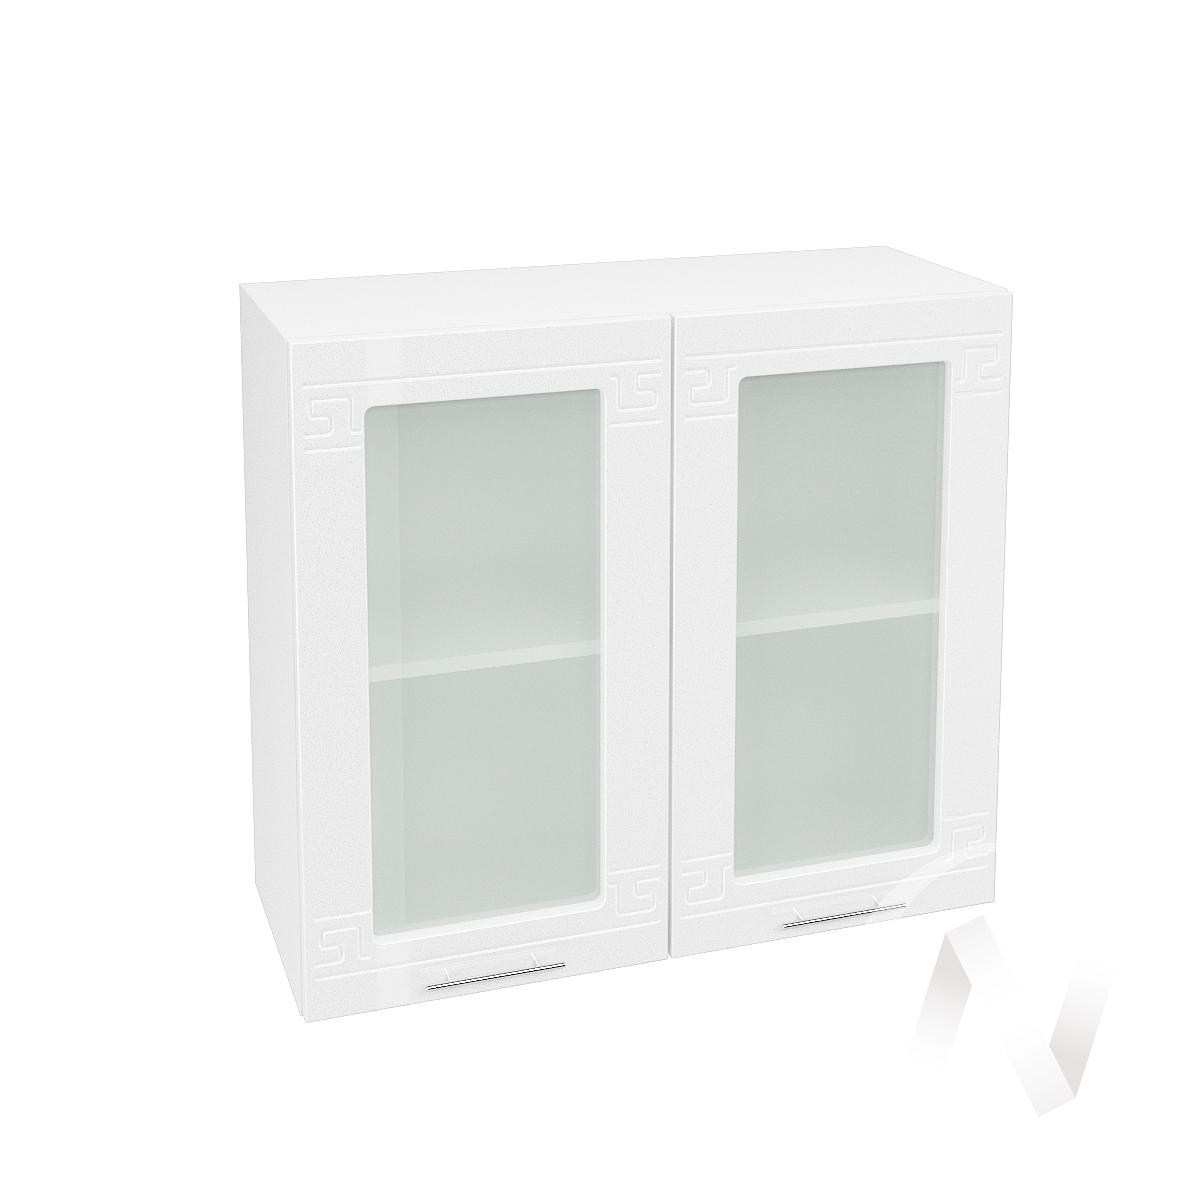 """Кухня """"Греция"""": Шкаф верхний со стеклом 800, ШВС 800 новый (белый металлик/корпус белый)"""